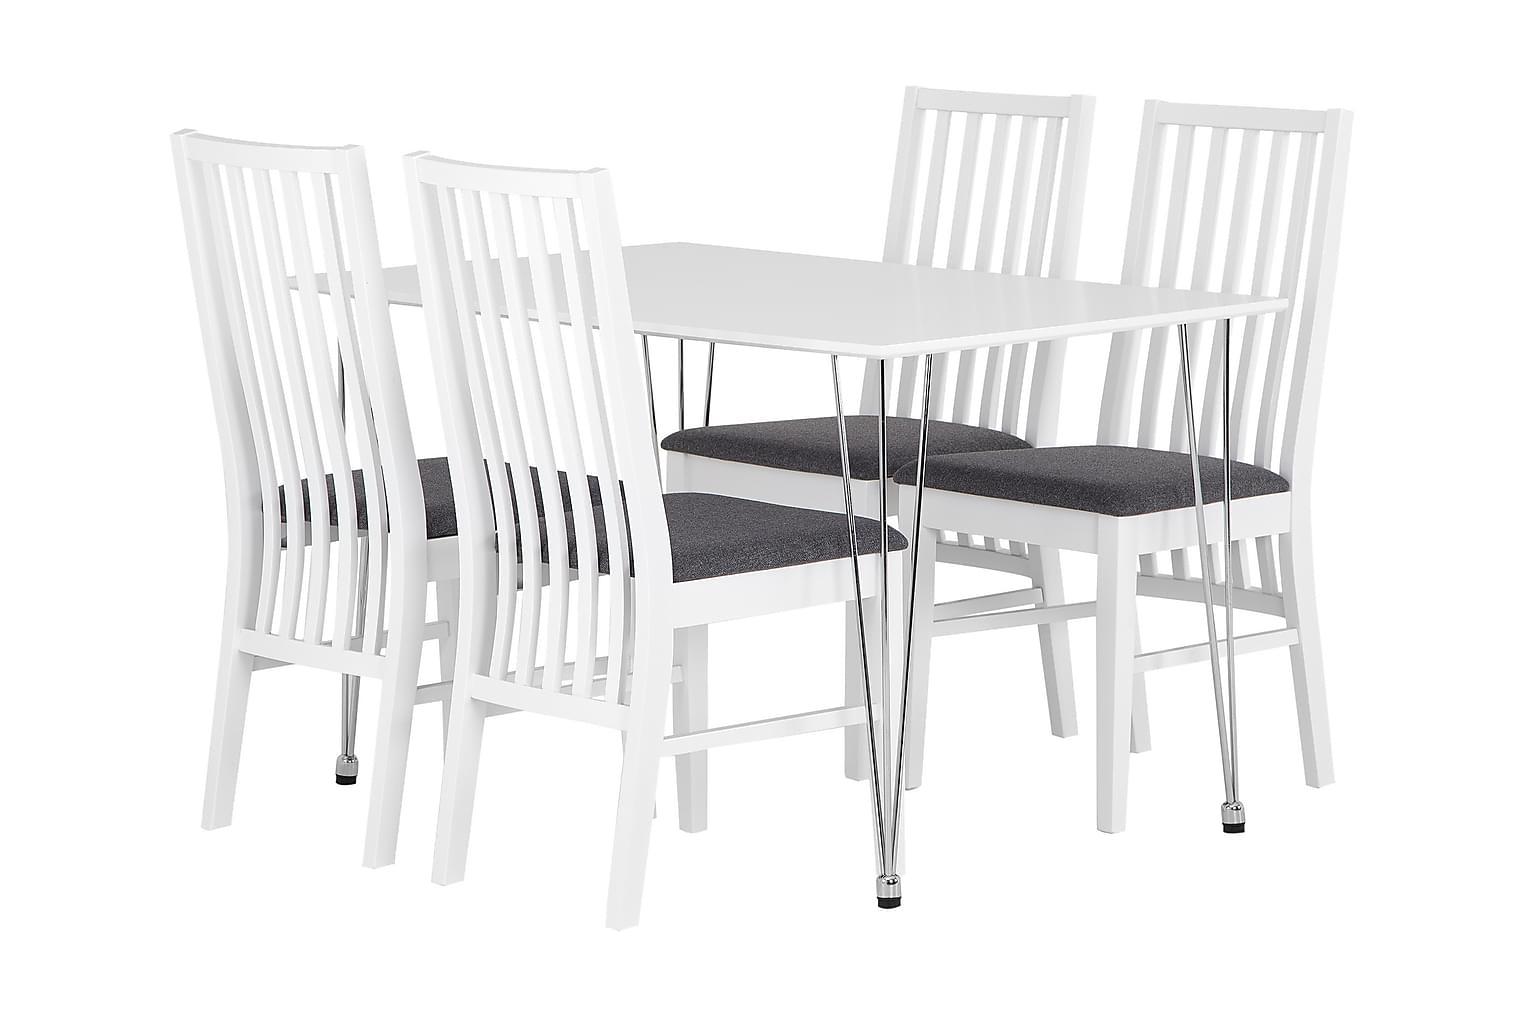 KRONBERG Pöytä 120 Valkoinen Matta + 4 ALVESTA Valkoinen/Har